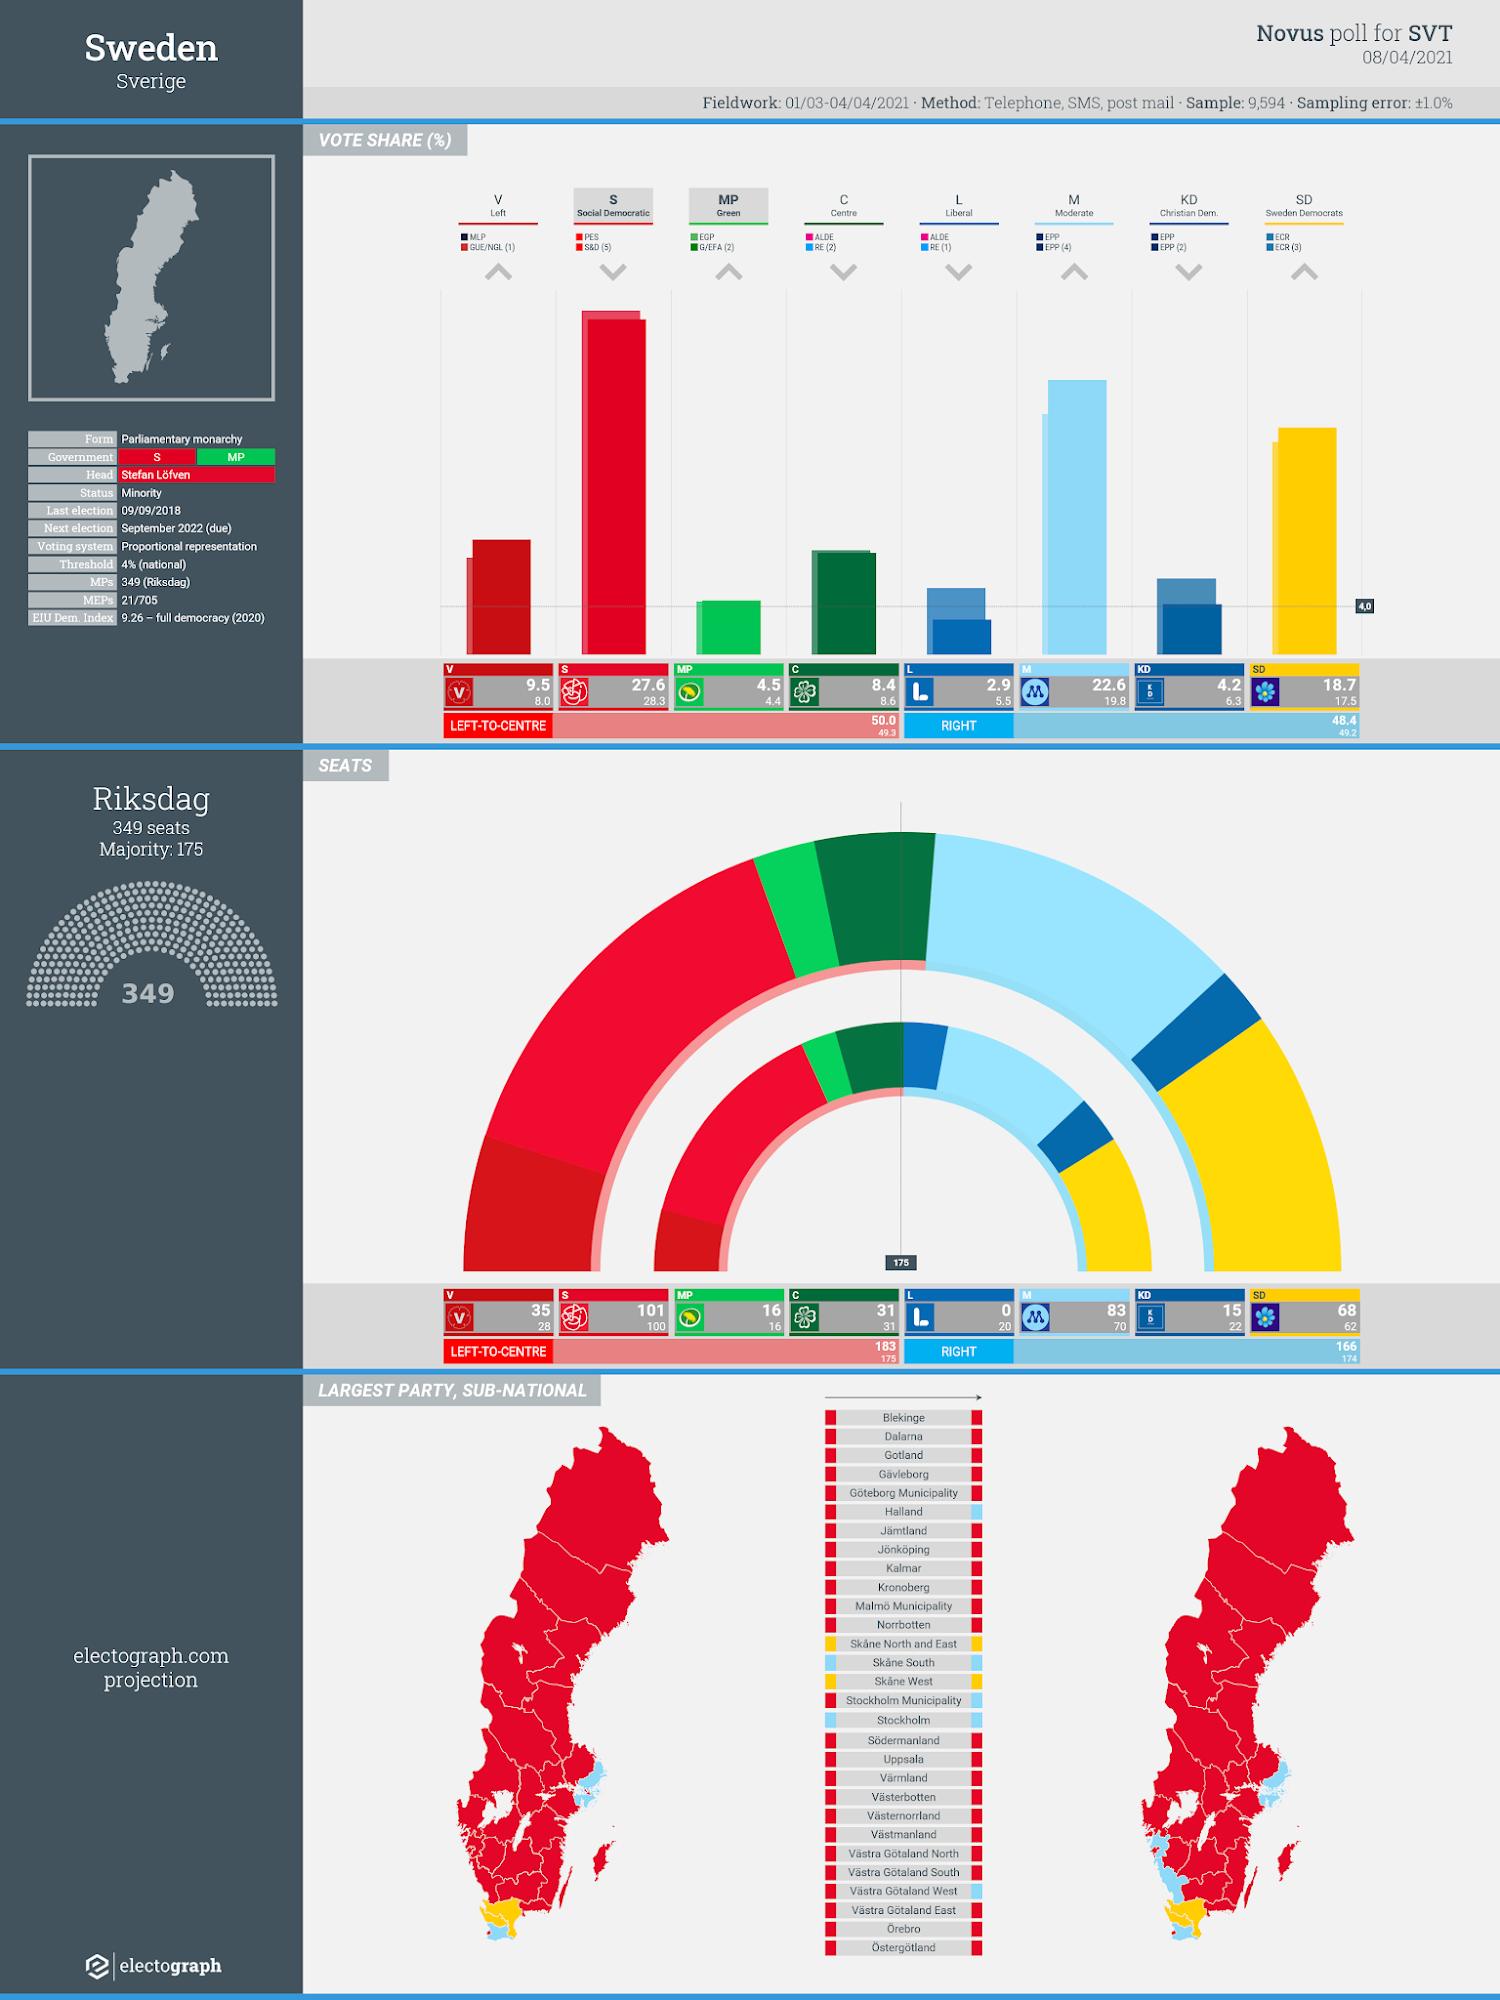 SWEDEN: Novus poll chart for SVT, 8 April 2021